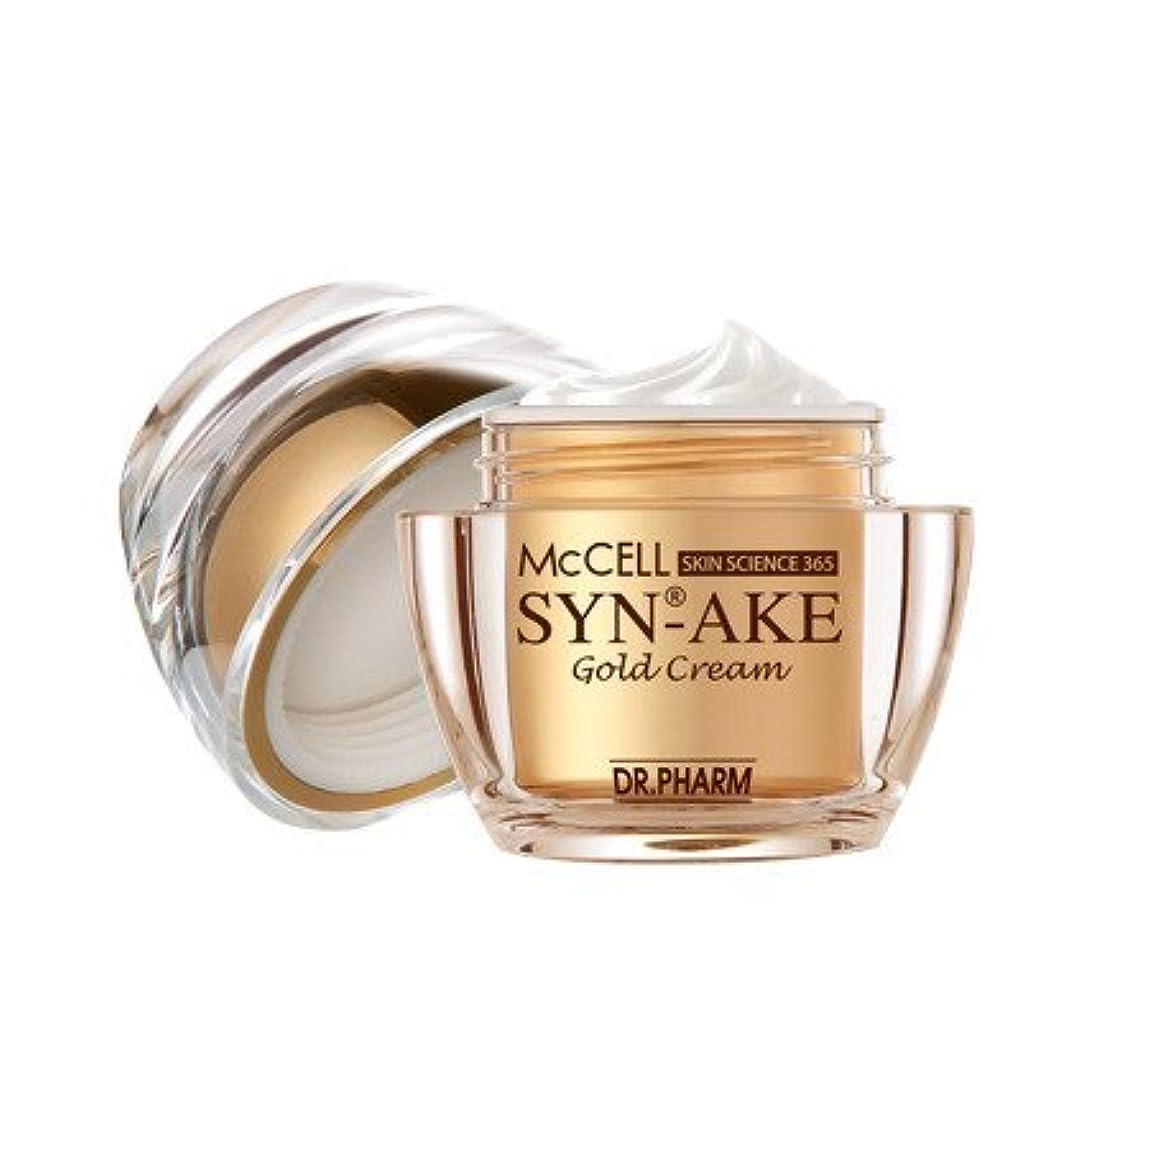 散歩まだまろやかなDr.Pharm マクセルスキンサイエンス365シネイクゴールドクリーム McCELL Synake gold cream